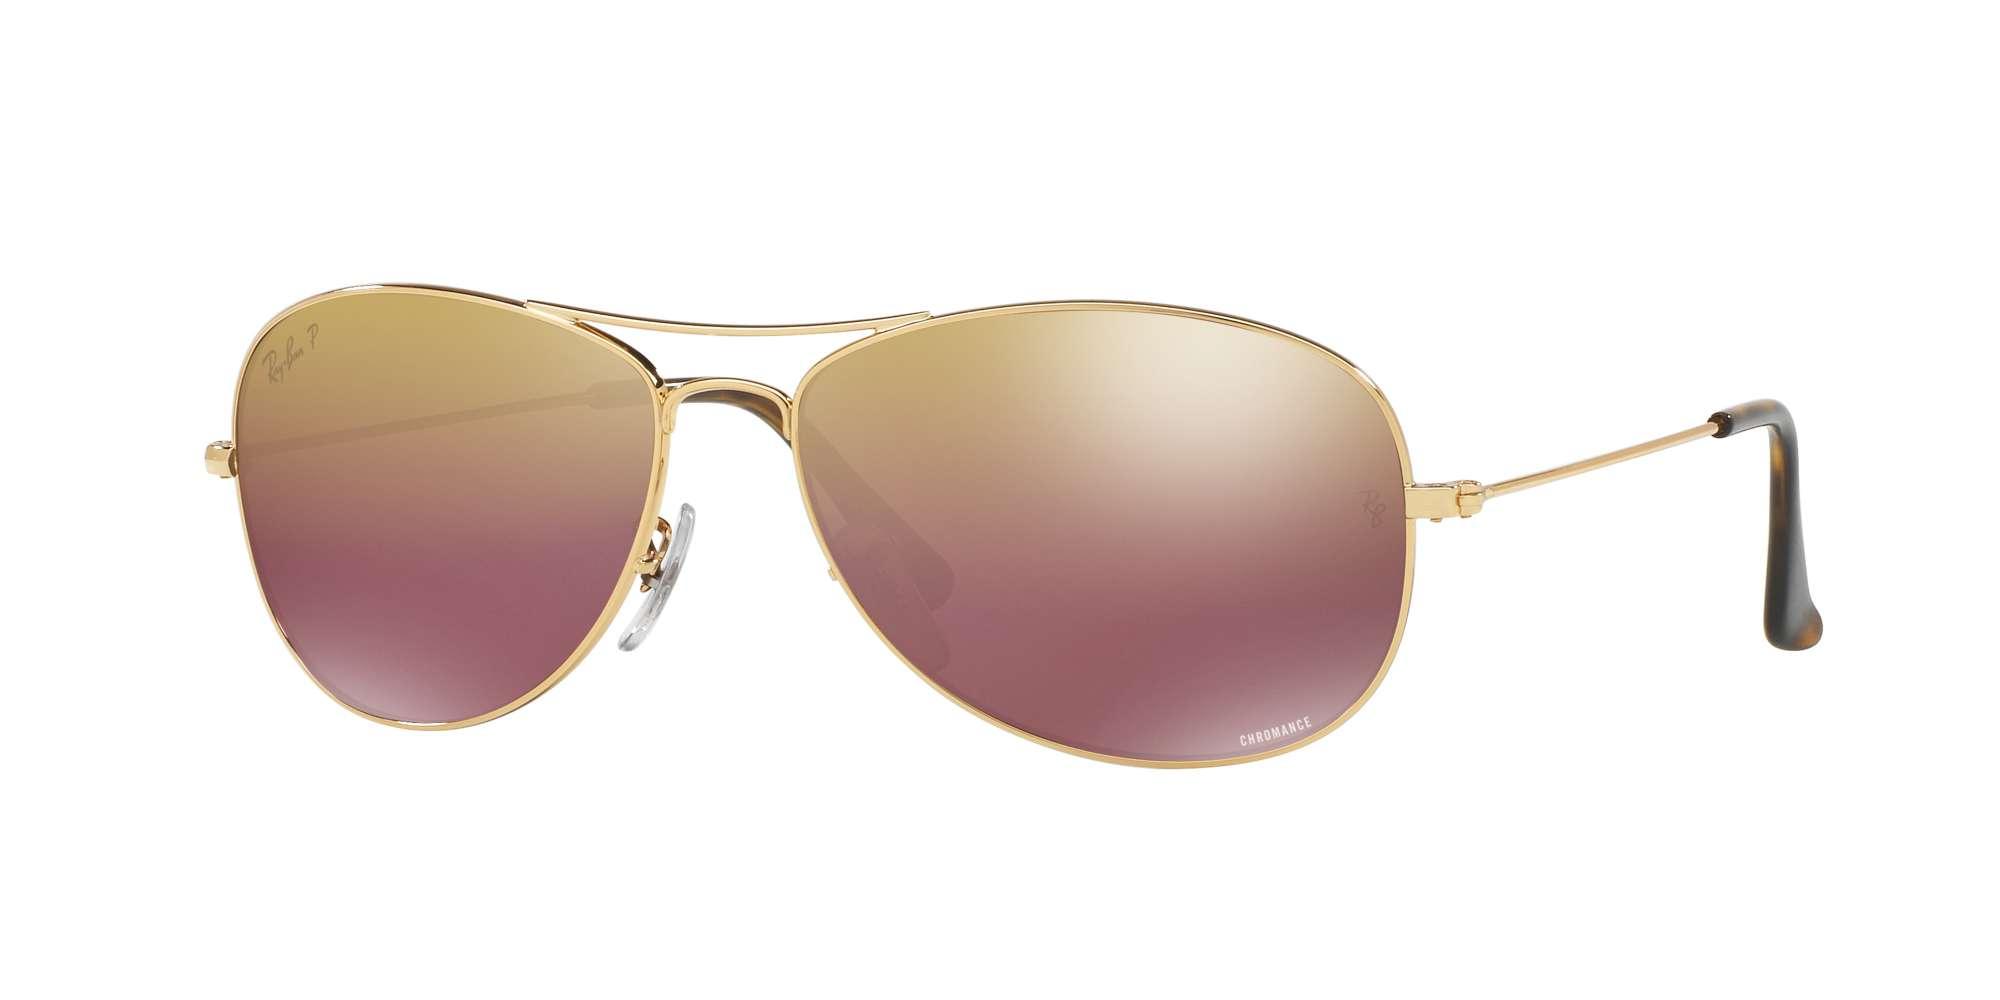 SHINY GOLD / BROWN POLAR MIRROR GOLD lenses